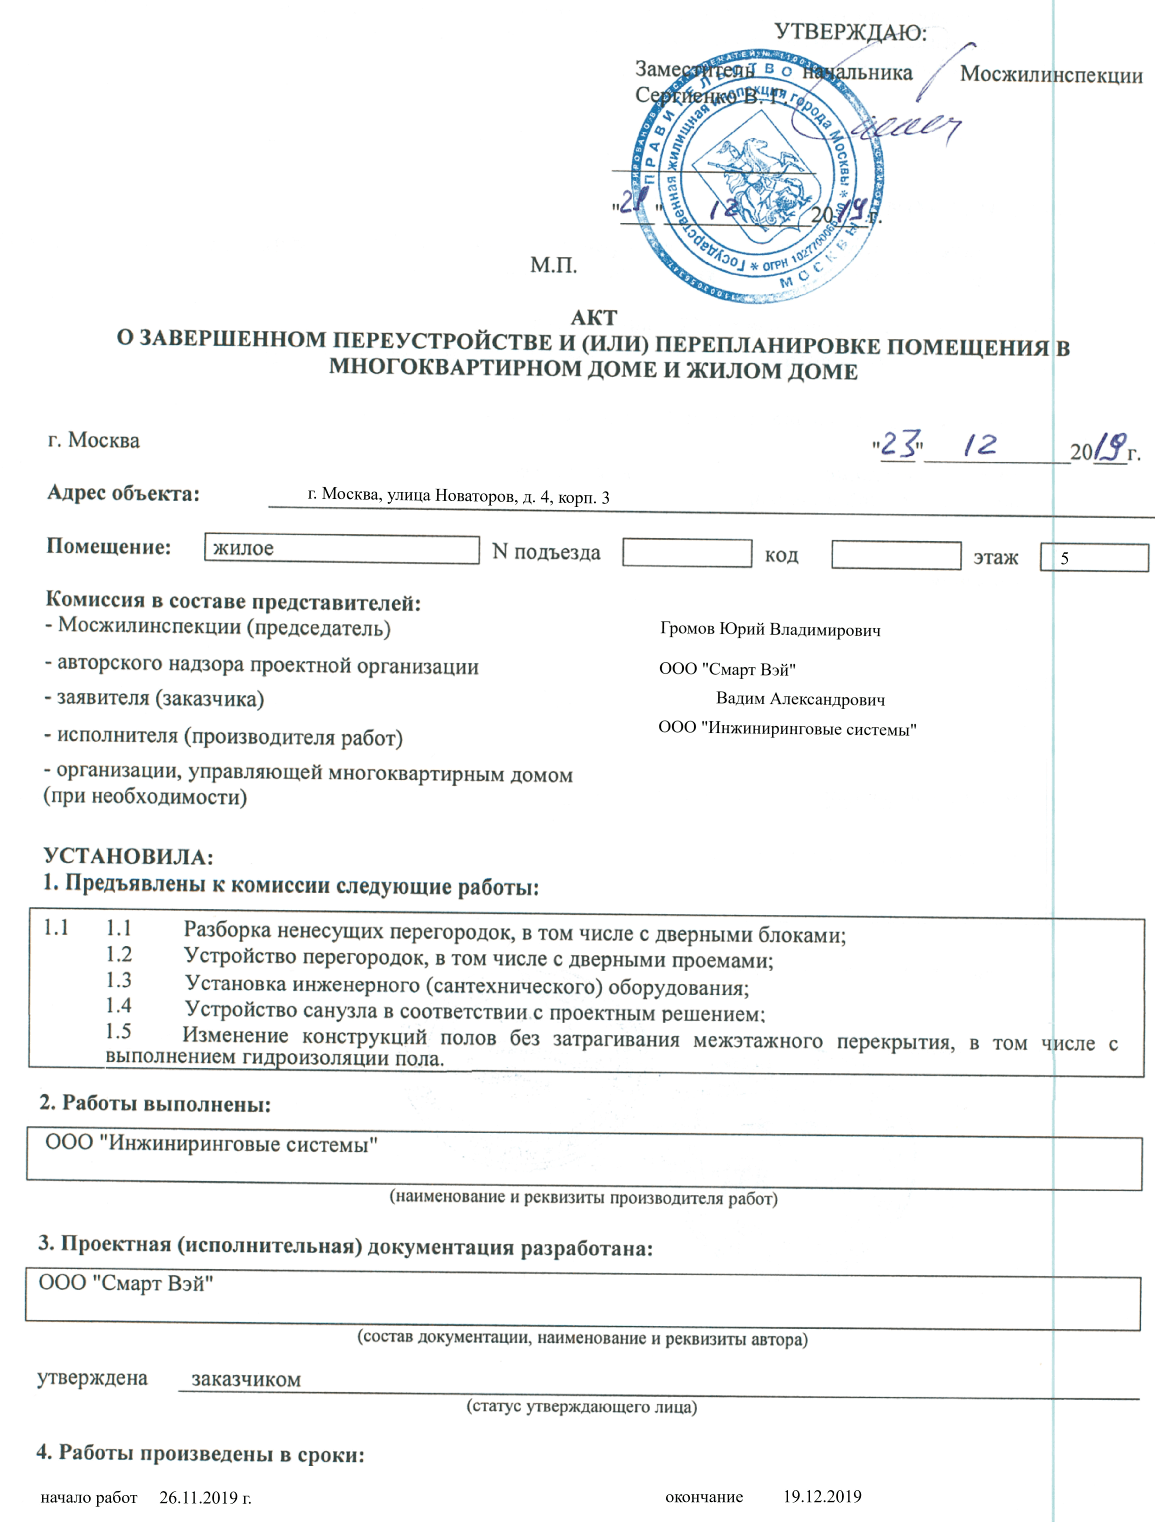 АКТ переустройства МосЖилИнспекции